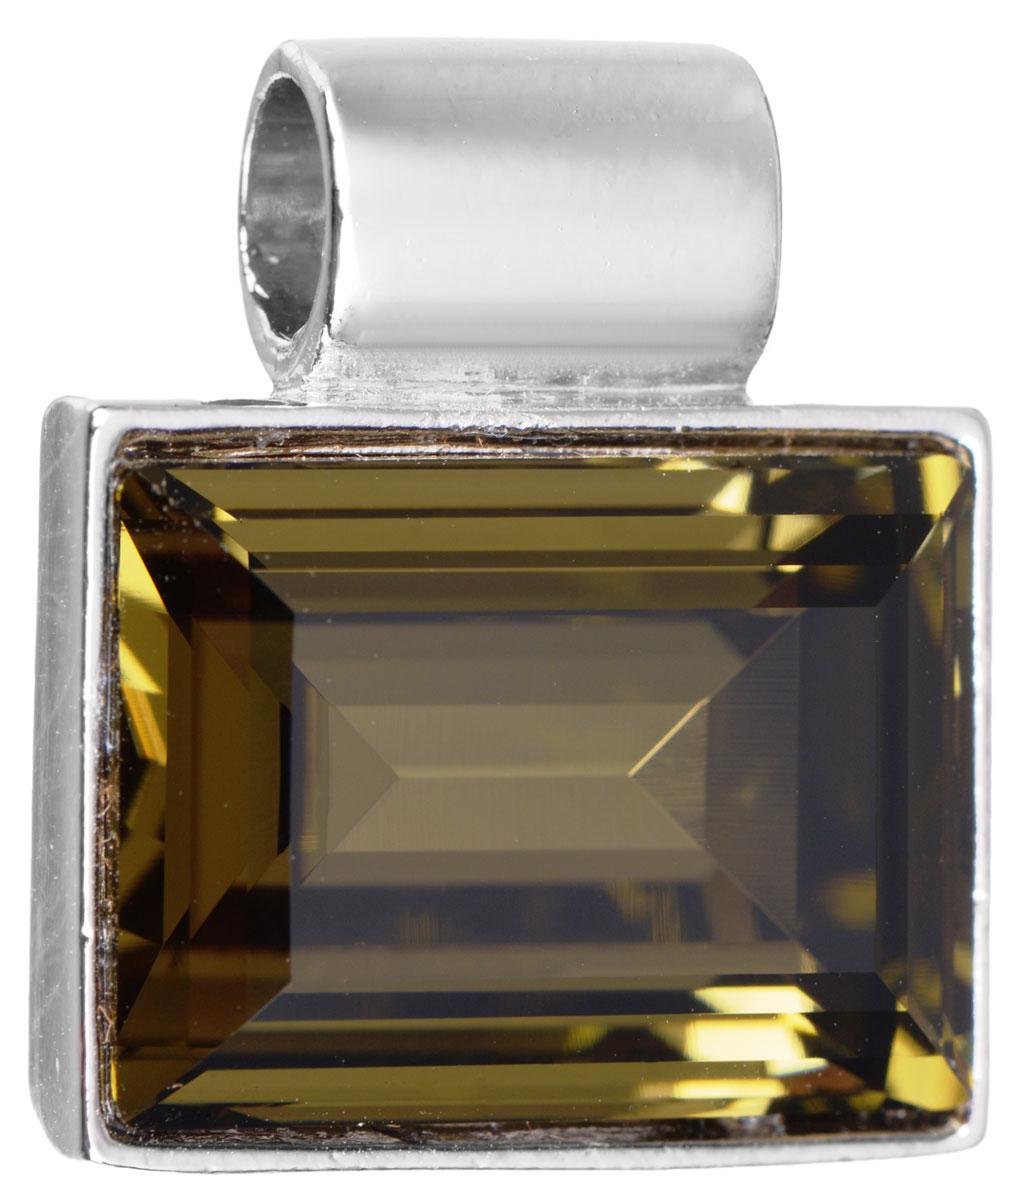 Подвеска Jenavi Тянада, цвет: серебряный, коричневый. k296f325k296f325Подвеска Jenavi Тянада выполнена из гипоаллергенного ювелирного сплава, оформлена покрытием из серебра и родия. Подвеска прямоугольной формы дополнена граненым кристаллом Swarovski. Изделие имеет отверстие, которое позволит использовать цепочку любого диаметра. Подвеска Jenavi Тянада поможет дополнить любой образ и привнести в него завершающий яркий штрих.